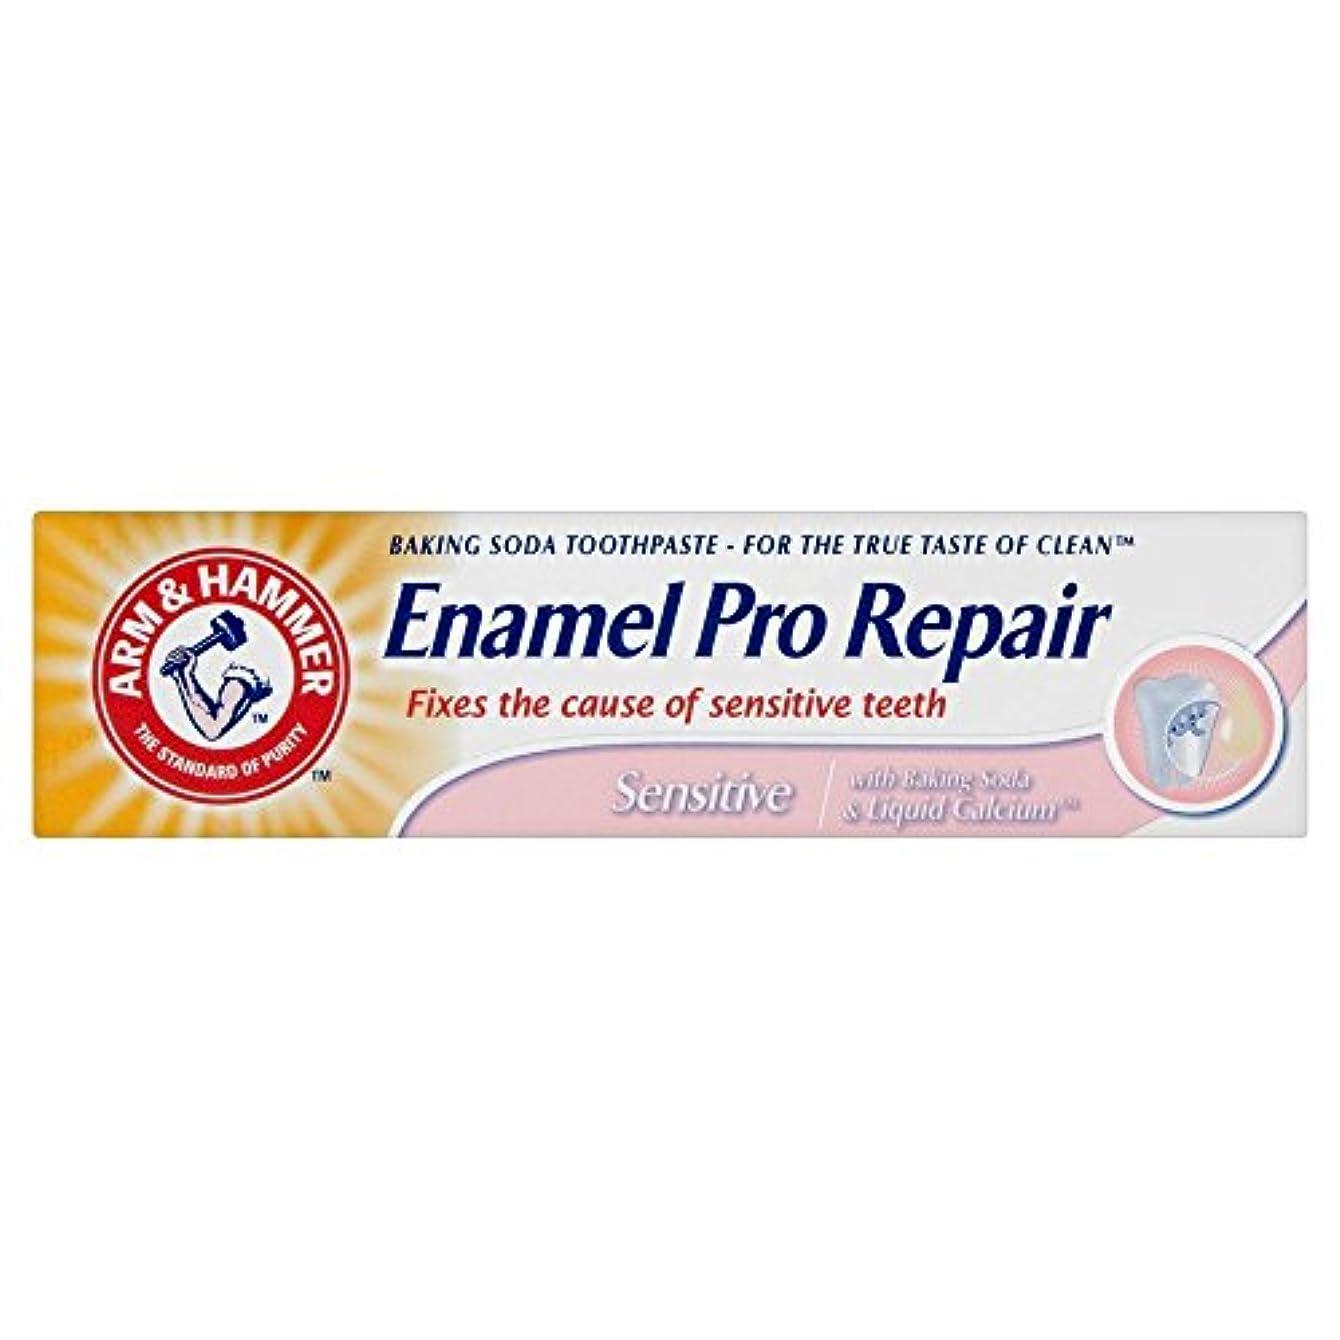 検出可能衰える雄弁Arm & Hammer Enamel Care Sensitive Toothpaste Tube (75ml) アームとハンマーエナメルケア敏感歯磨き粉のチューブ( 75ミリリットル) [並行輸入品]